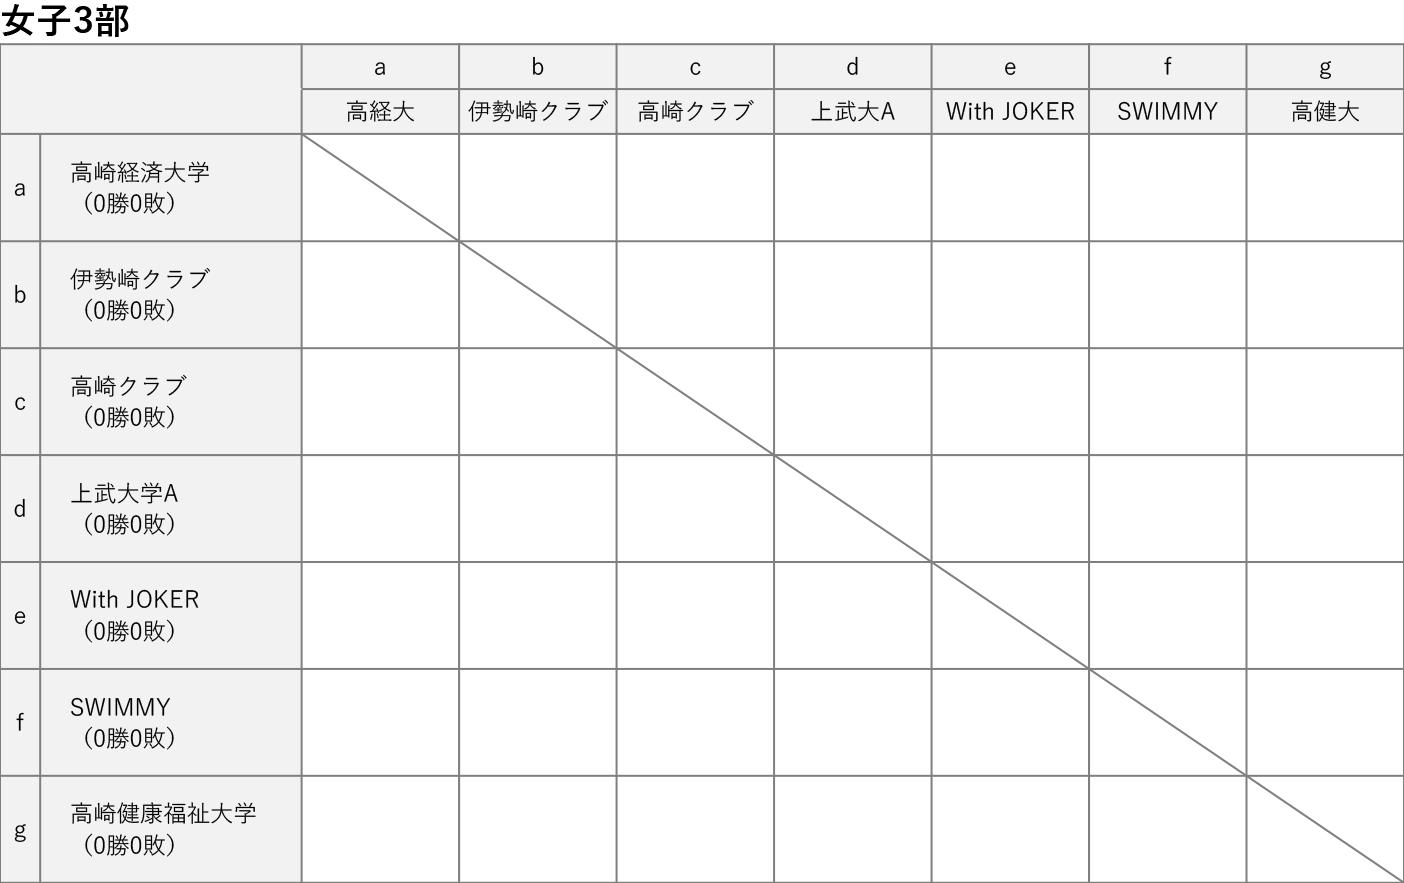 2020社会人リーグ 女子3部 対戦表 2020-06-02